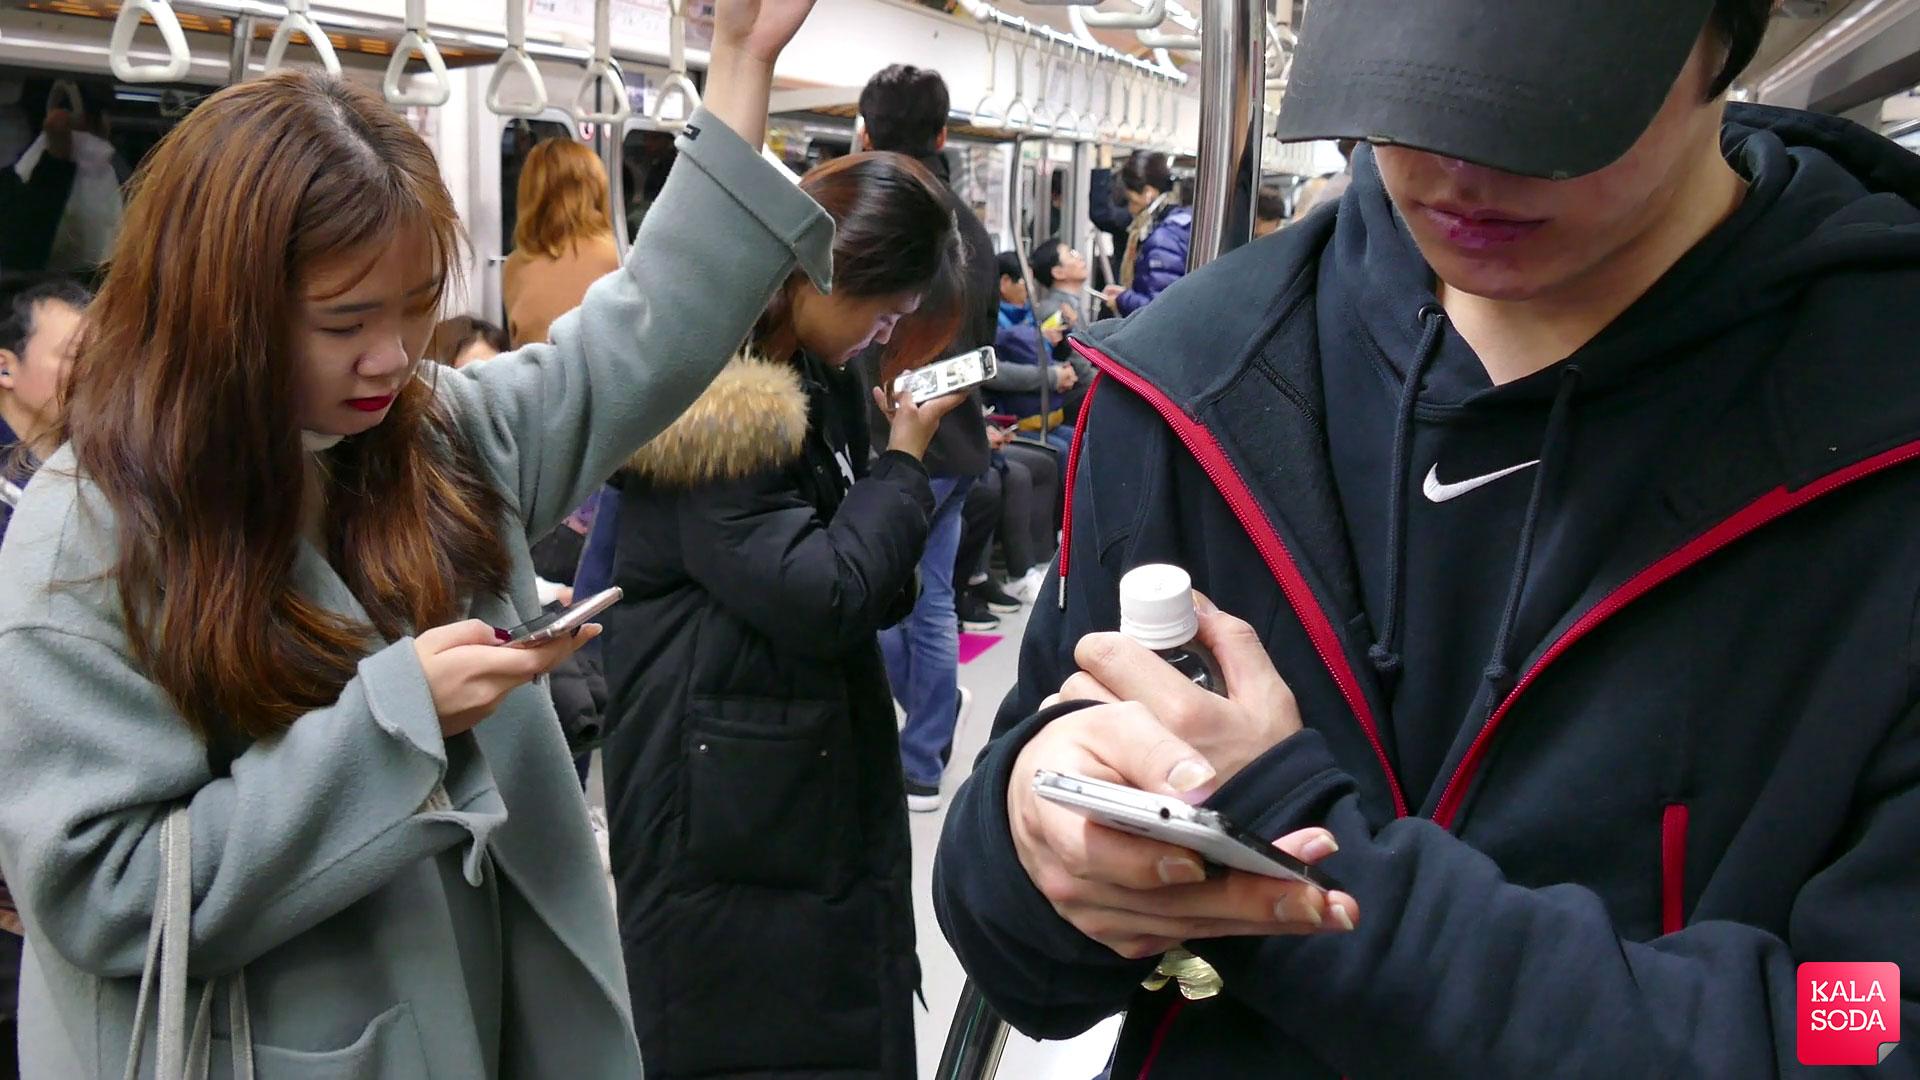 اینترنت پرسرعت در اختیار مسافران قطار در کره جنوبی|کالاسودا